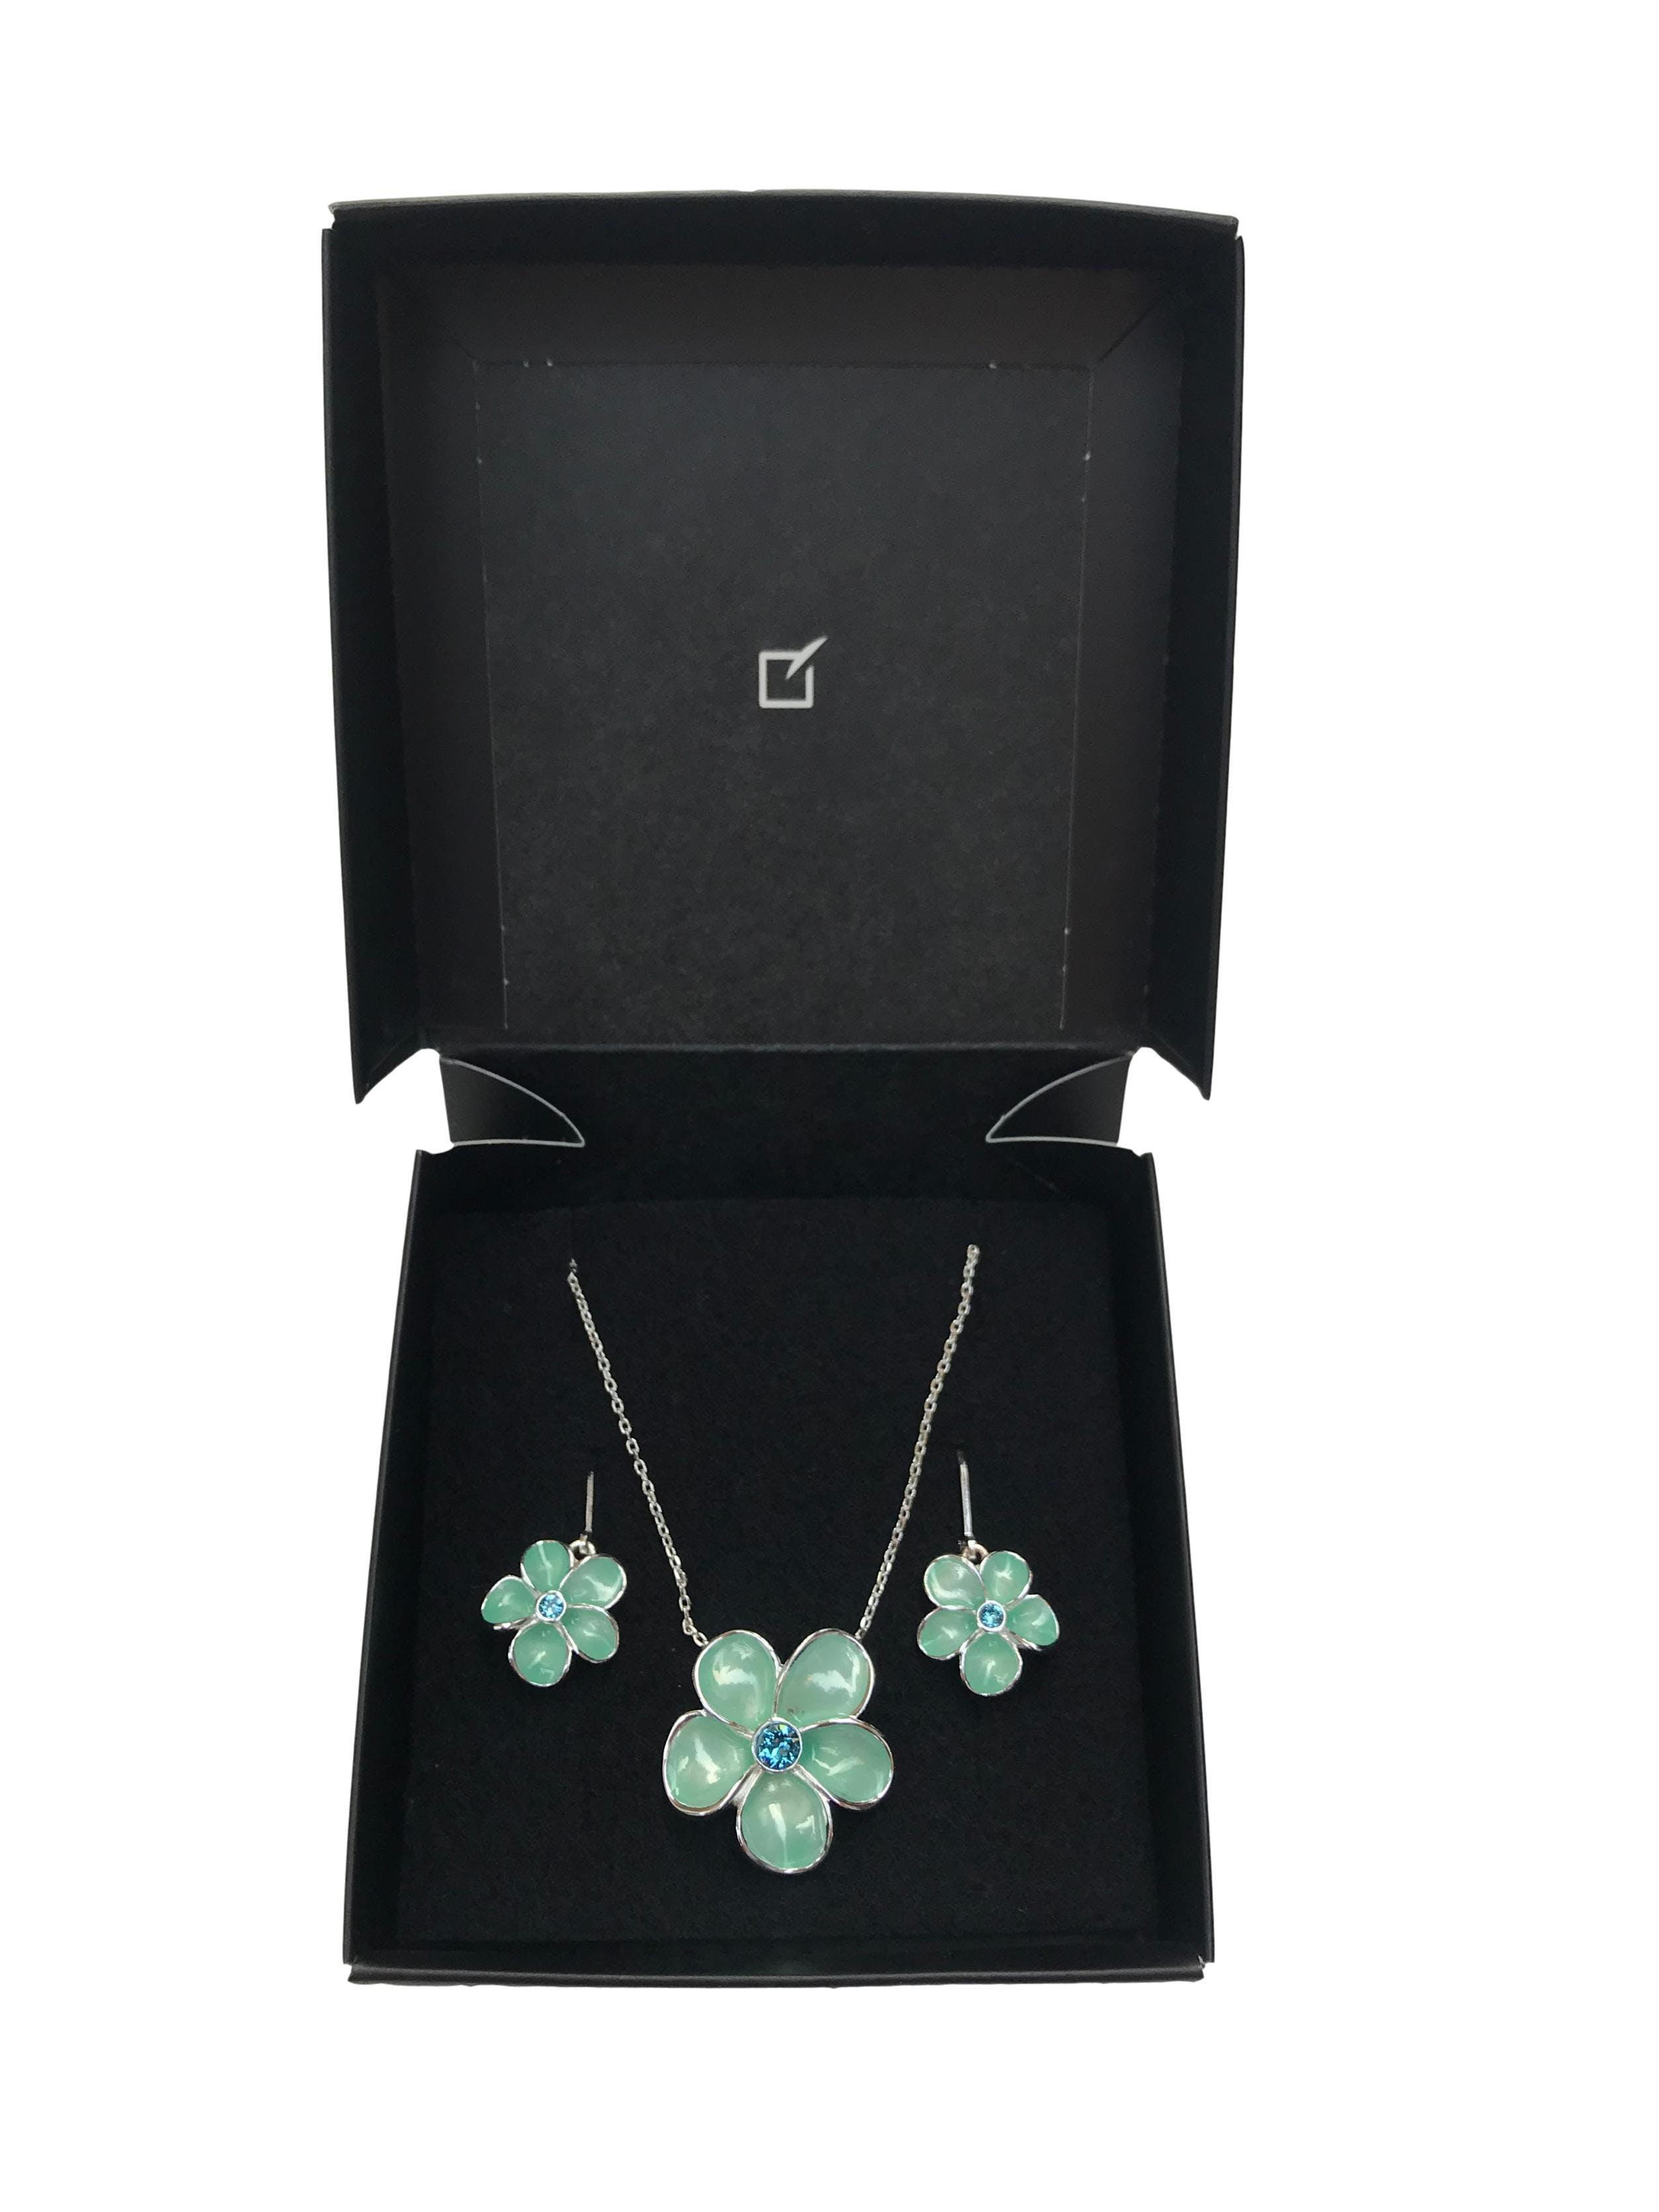 Set de collar y aretes plateados con dijes flor verde agua. Largo 40 + 7cm regulables. Vienen en caja, precio original S/ 125